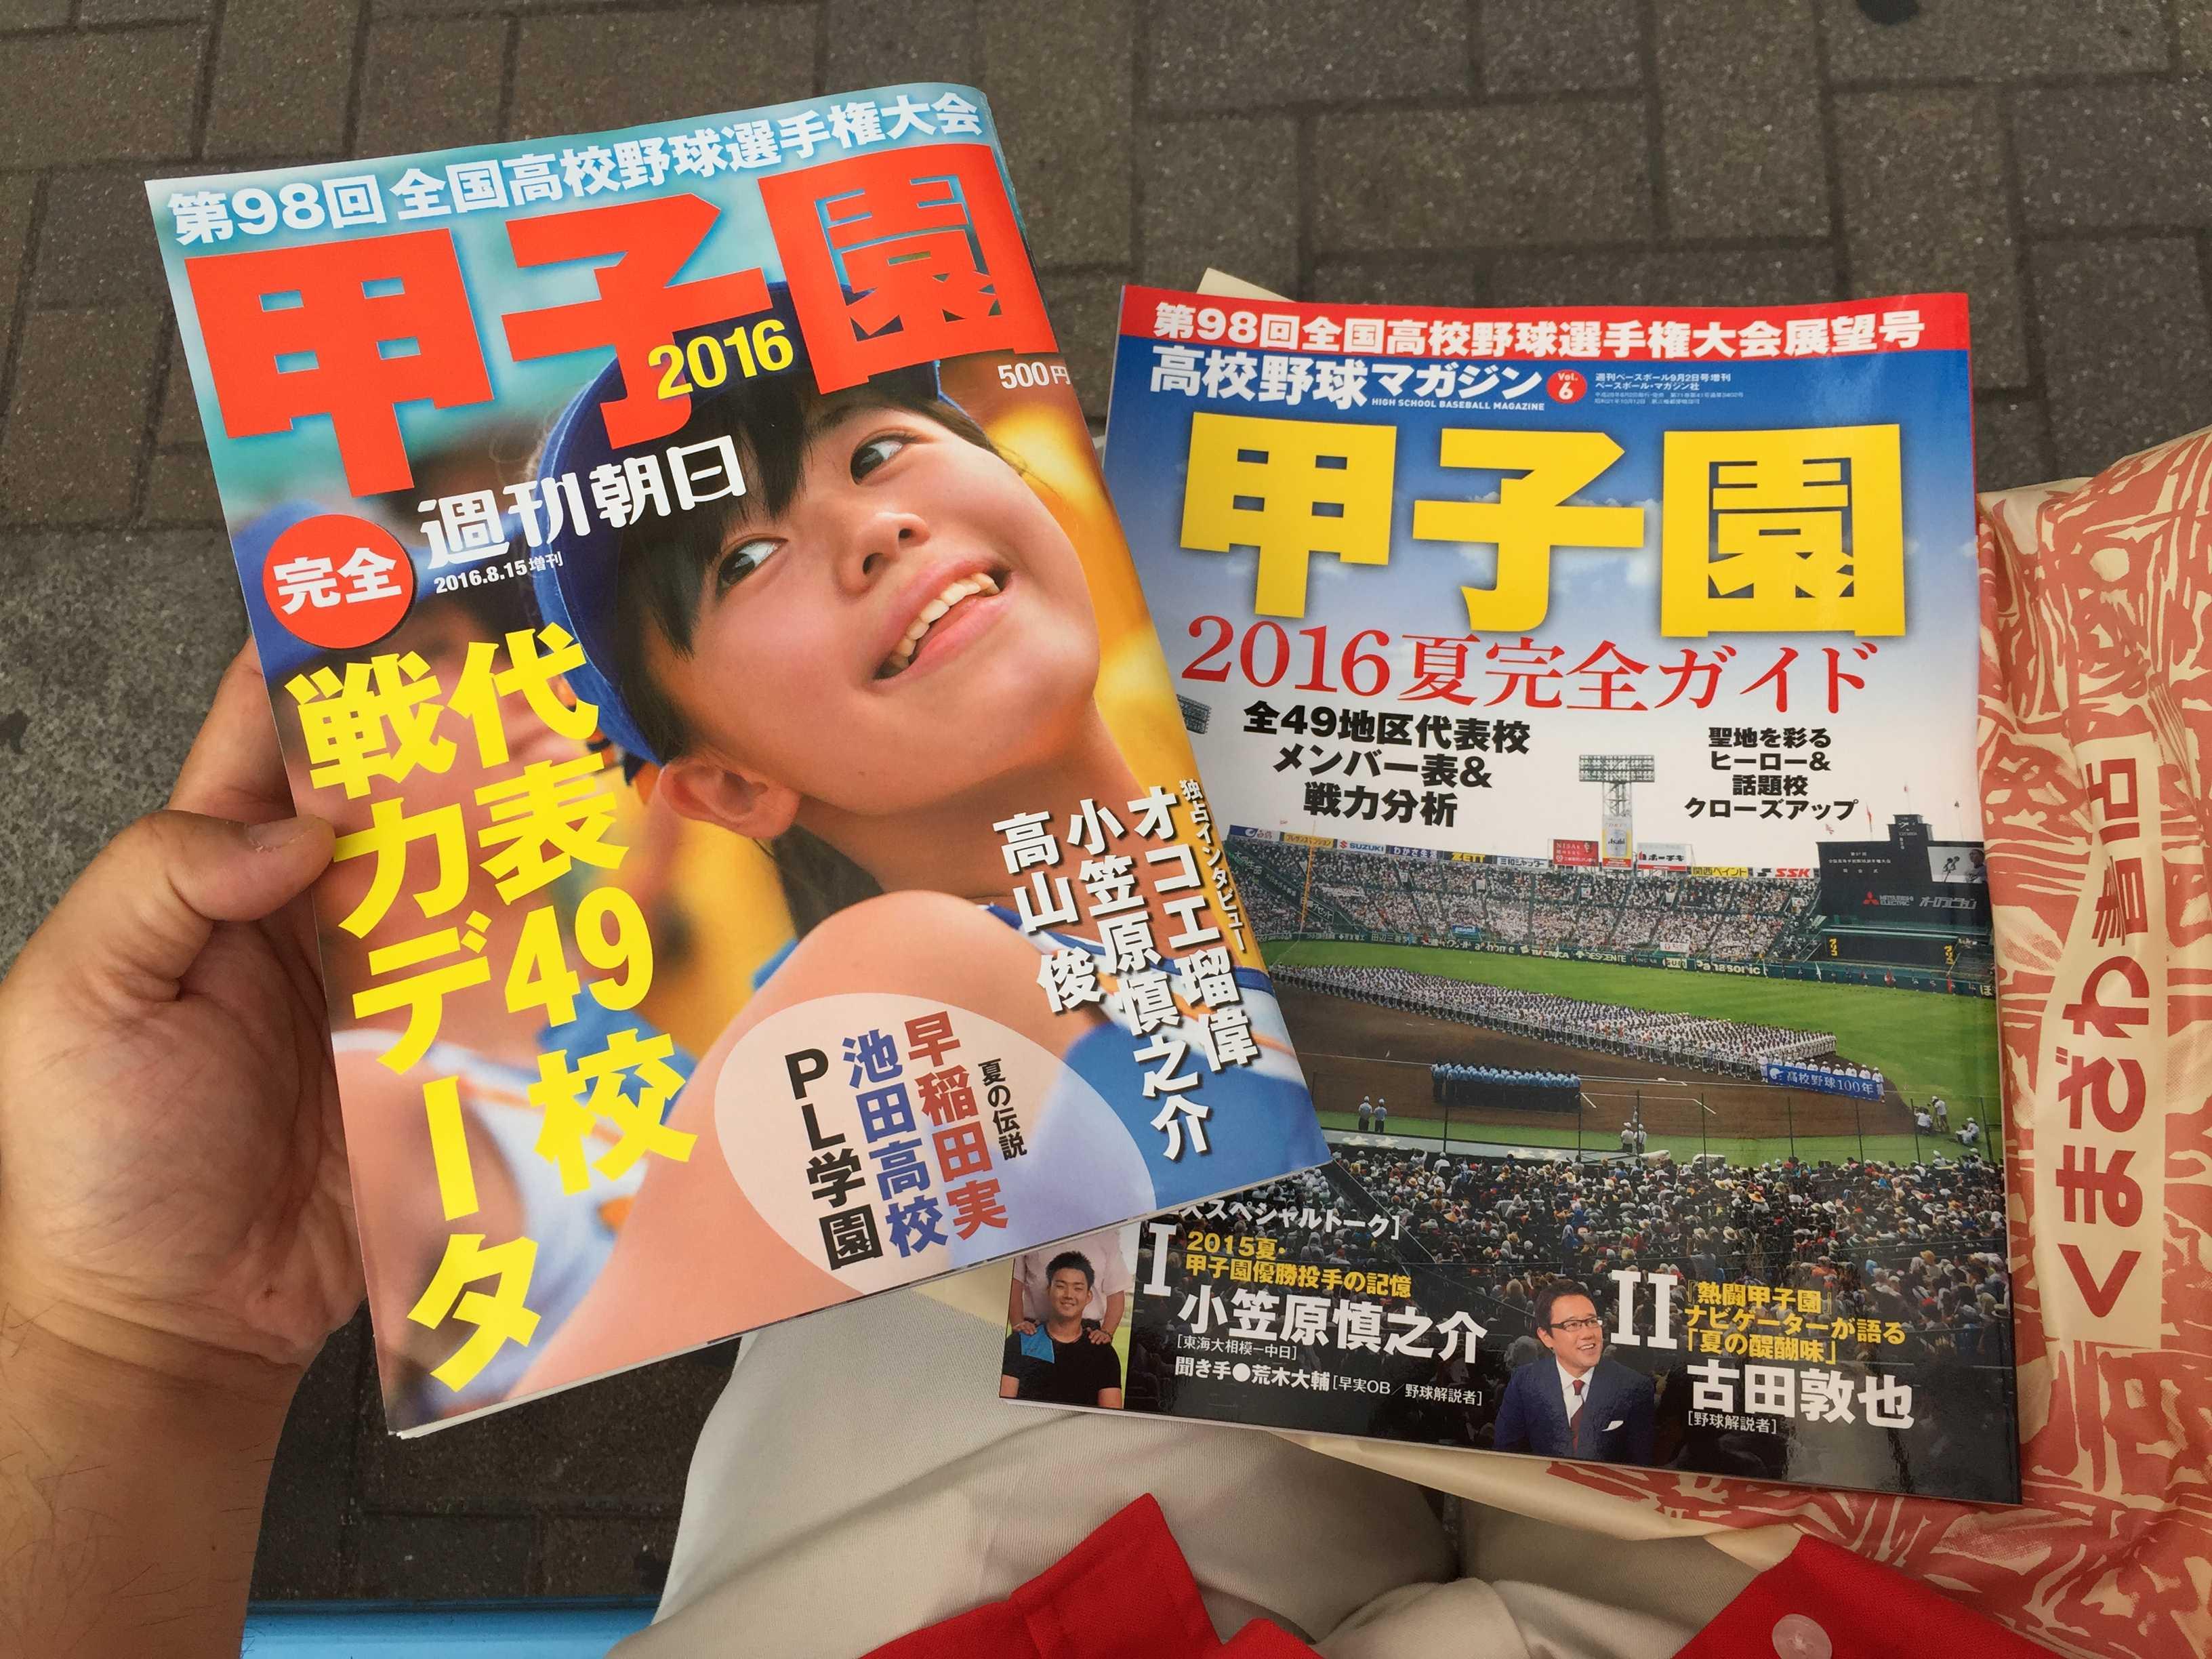 ベースボールマガジン社の「高校野球マガジン 甲子園 2016夏完全ガイド」